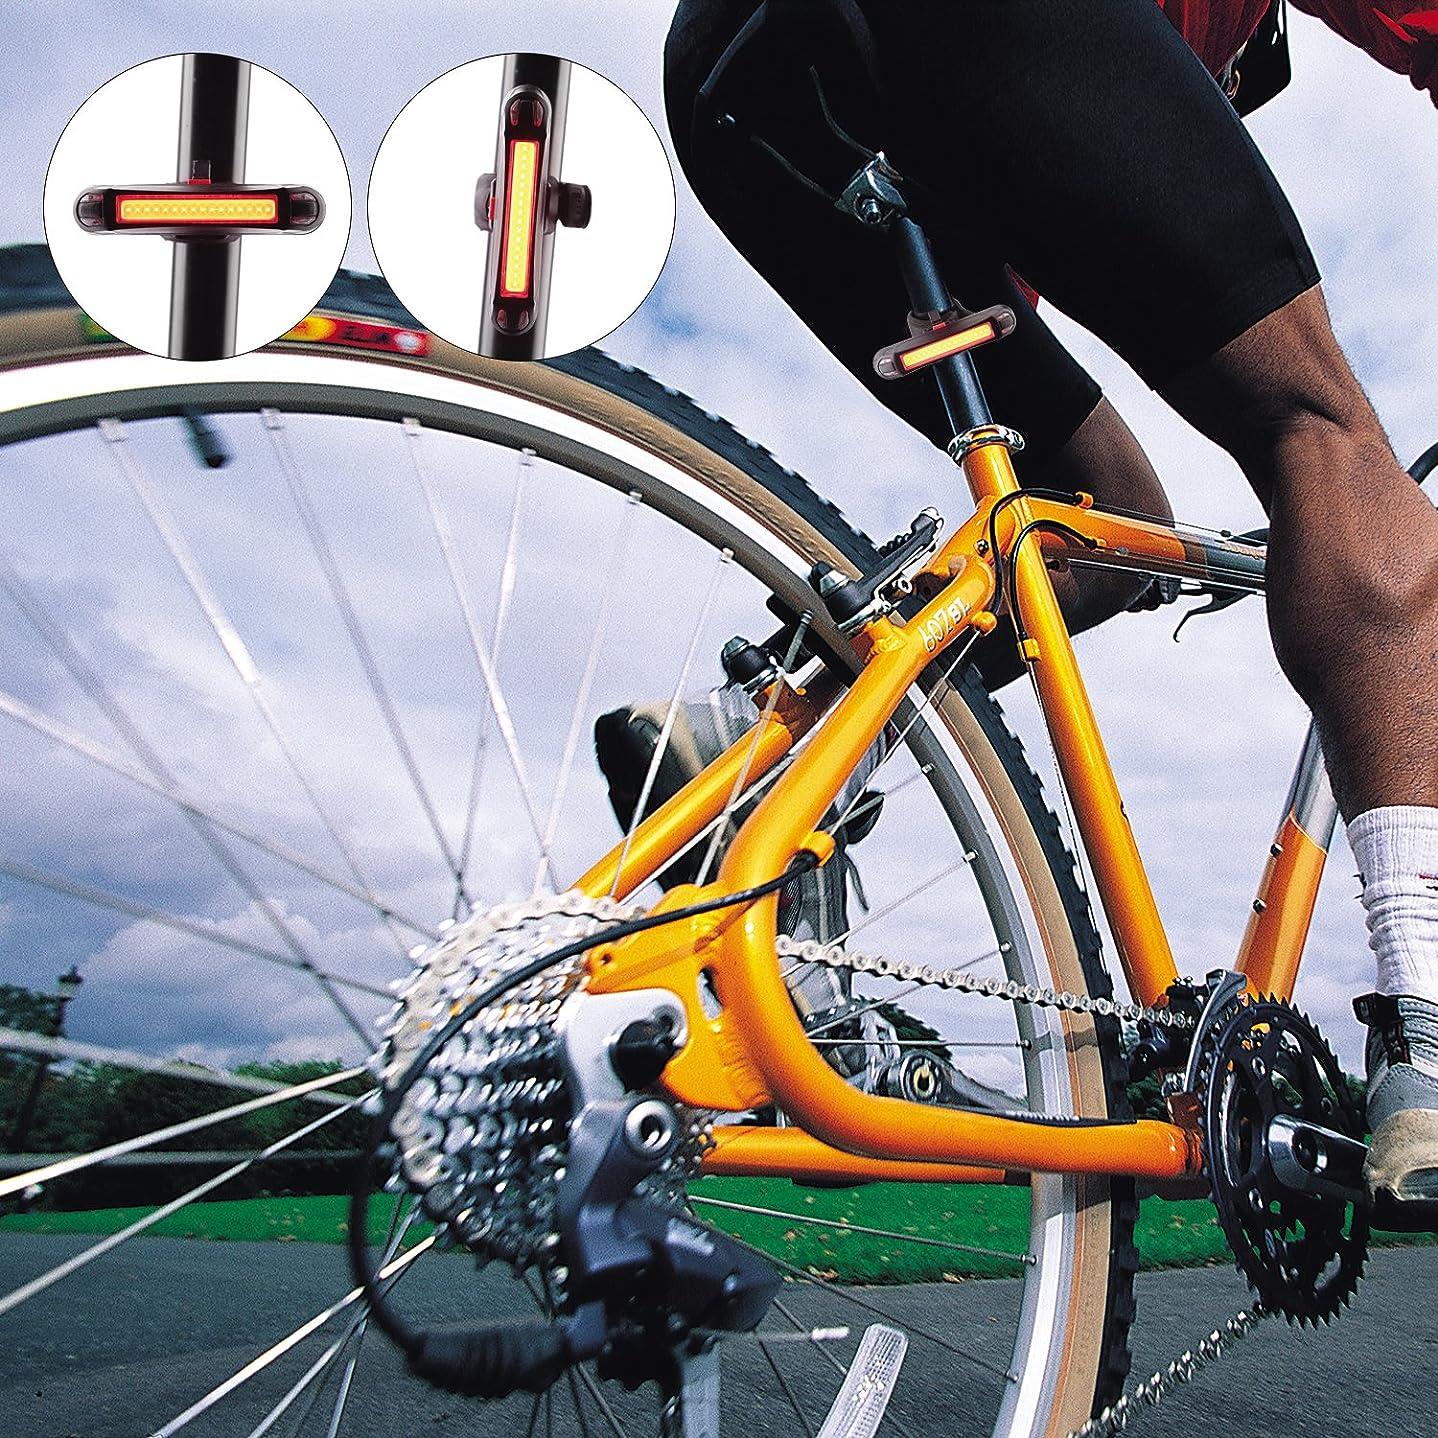 免除する地図リア王強力で防水性のあるCOBバイクテールライト、ローチェースUSB充電式120ルーメン自転車テール懐中電灯はすべての自転車やヘルメットに装着でき、夜間のサイクリングに最適なリアライト [並行輸入品]